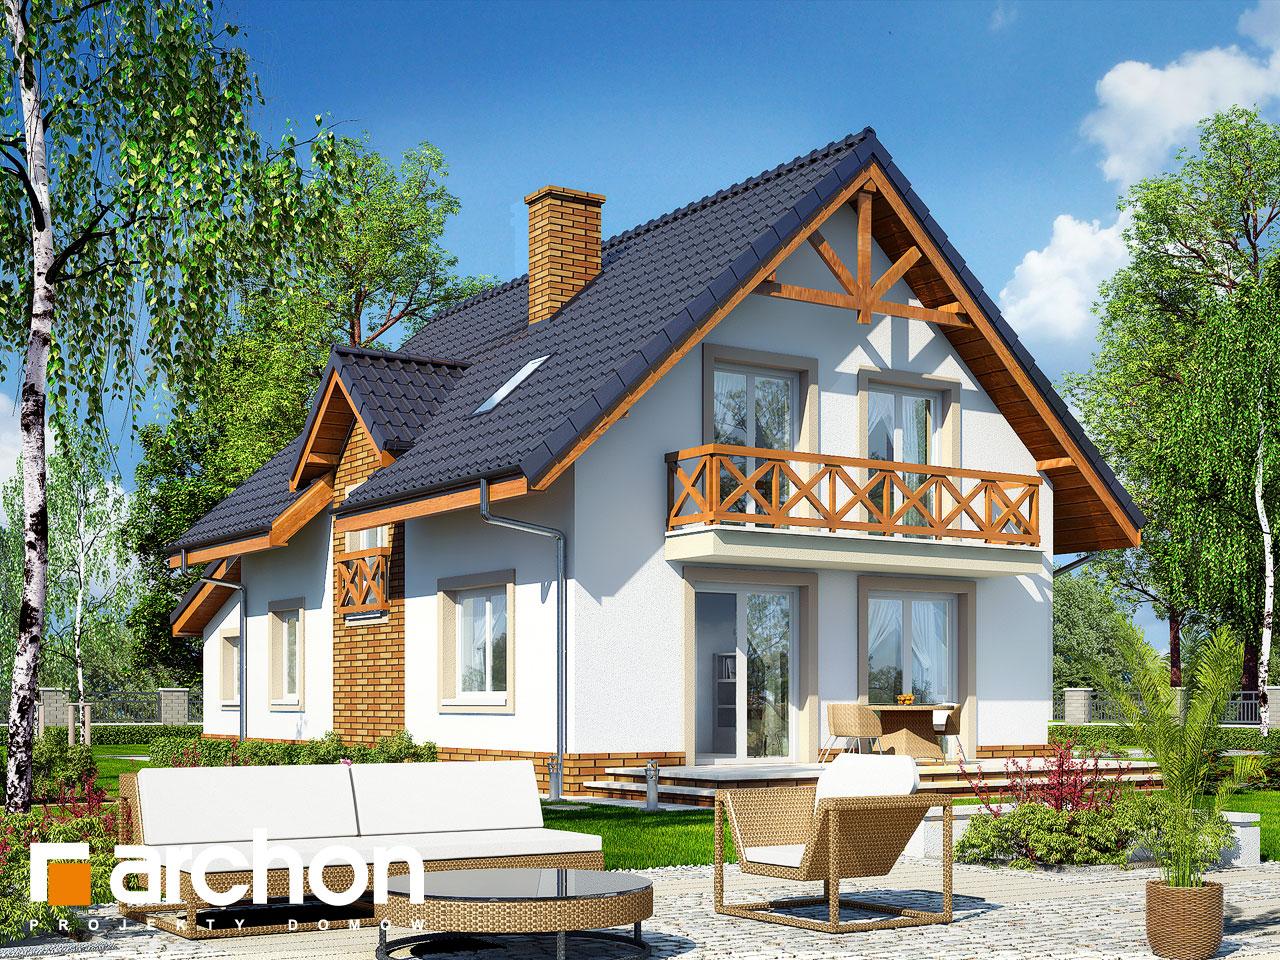 Проект будинку ARCHON+ Будинок в горошку 2 ver.3 Вид 2